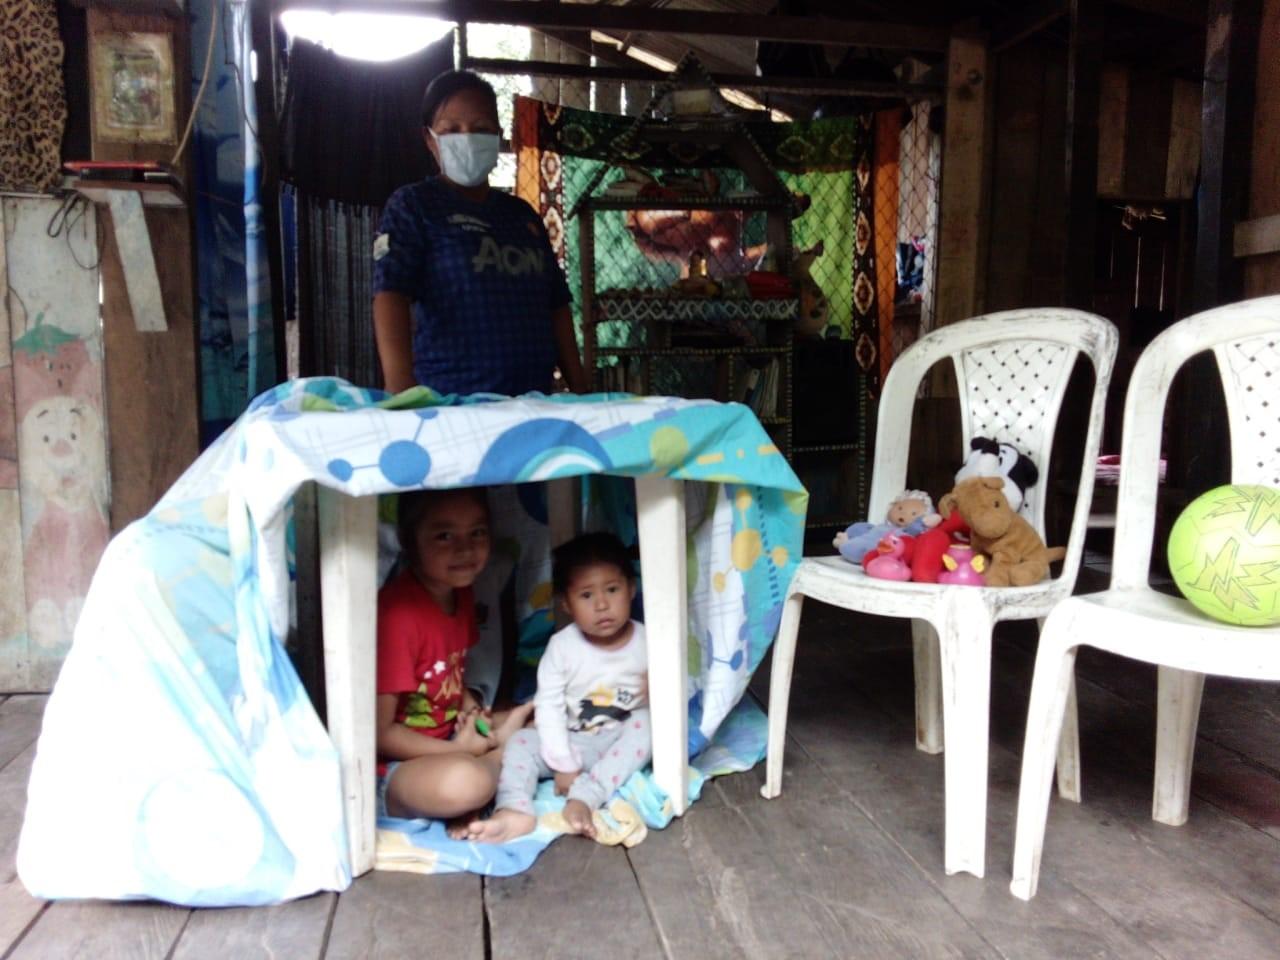 Construir Nichos De Juego Y Exploración En Casa Una Oportunidad Para Favorecer El Desarrollo De Niñas Y Niños En Primera Infancia Portal Icbf Instituto Colombiano De Bienestar Familiar Icbf